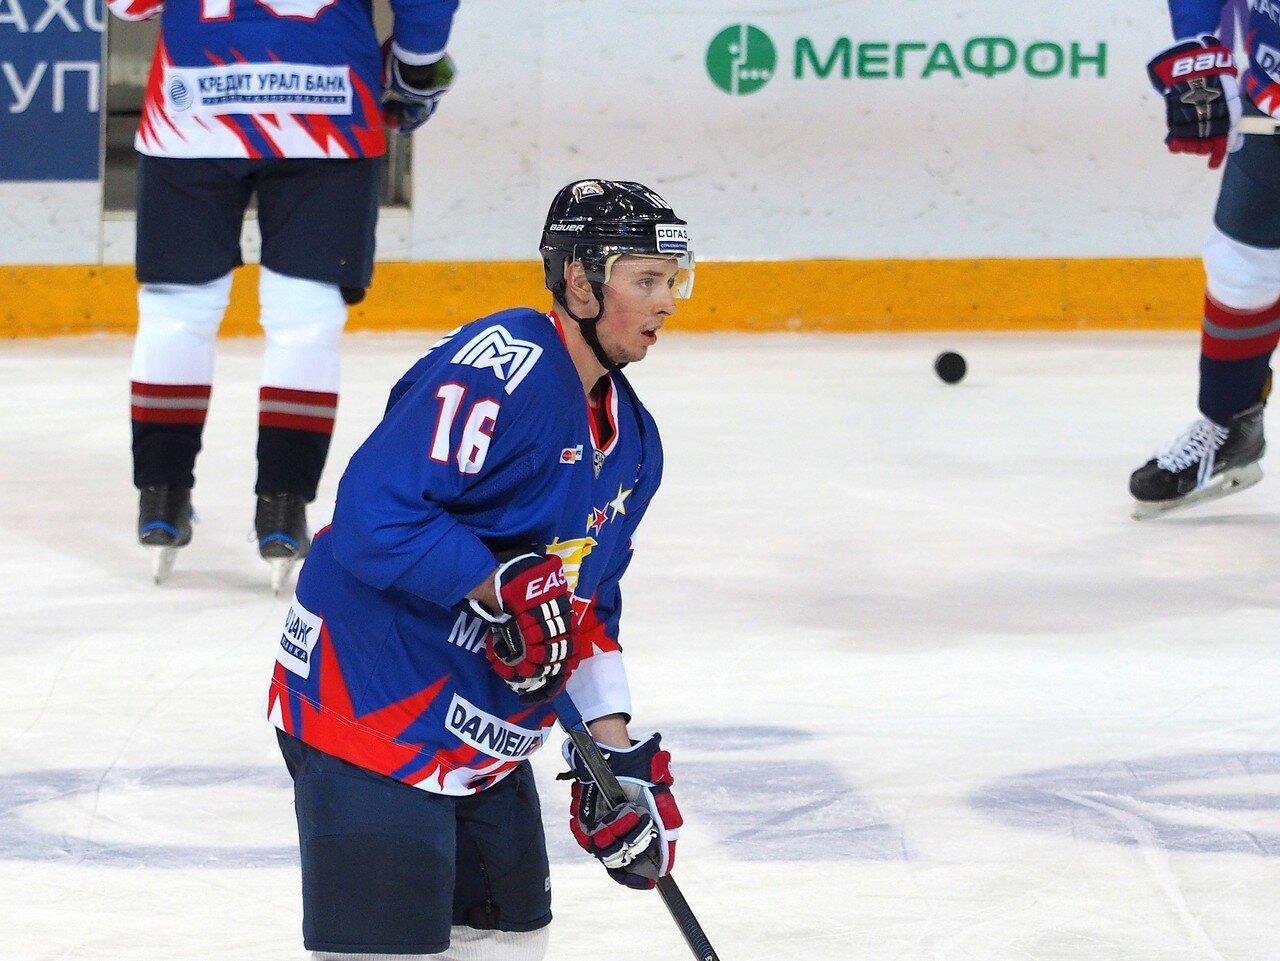 38Металлург - Спартак 13.01.2017